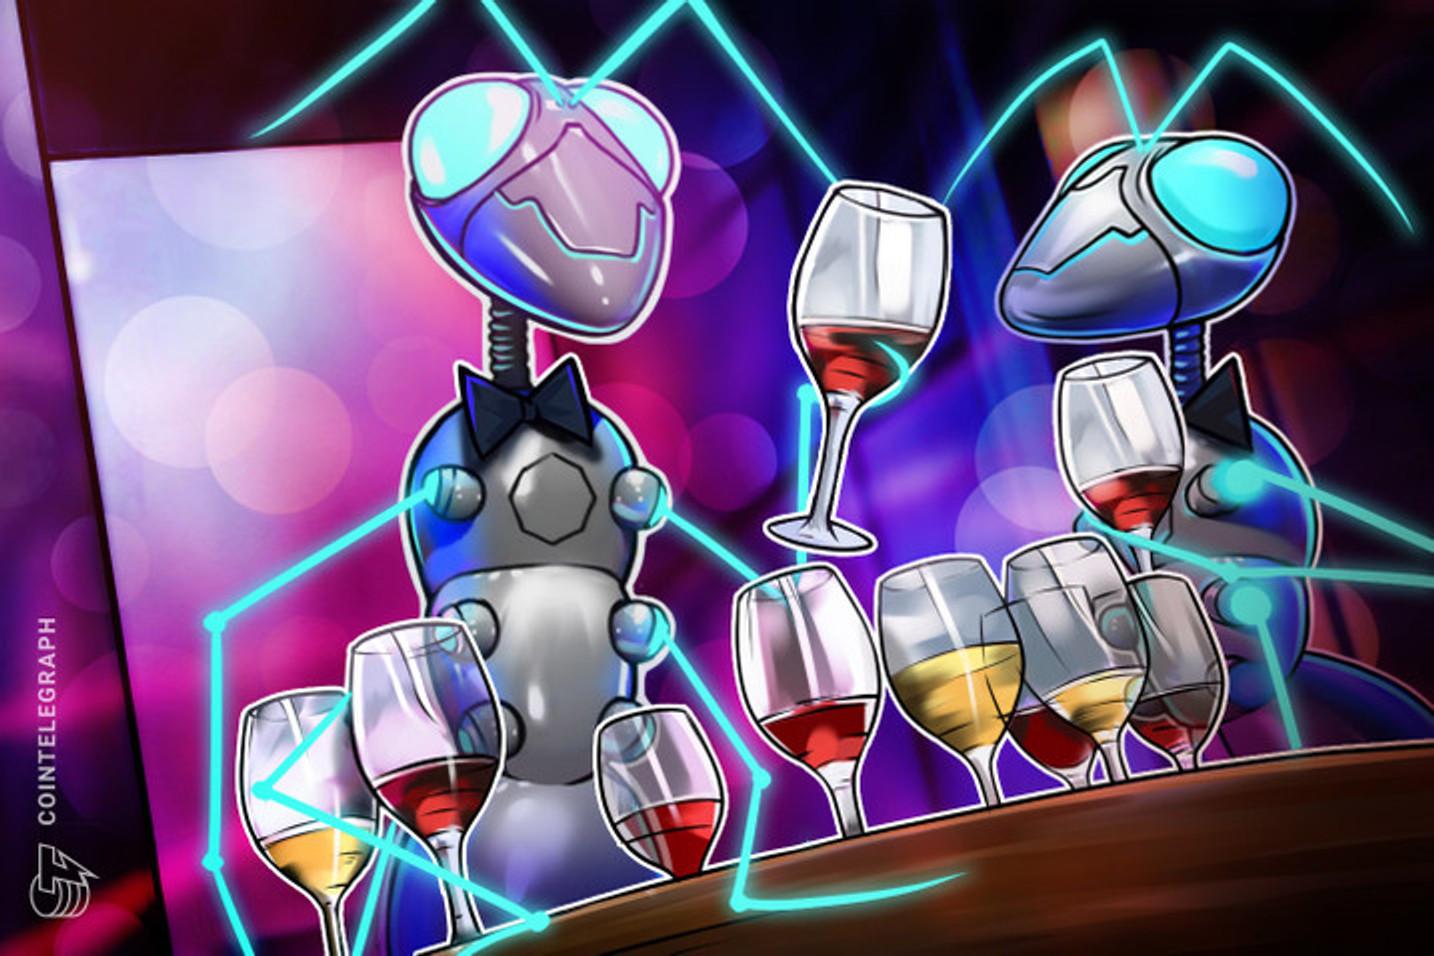 Erster Schweizer Asset-Token heraus: Sygnum tokenisiert Wein-Portfolio